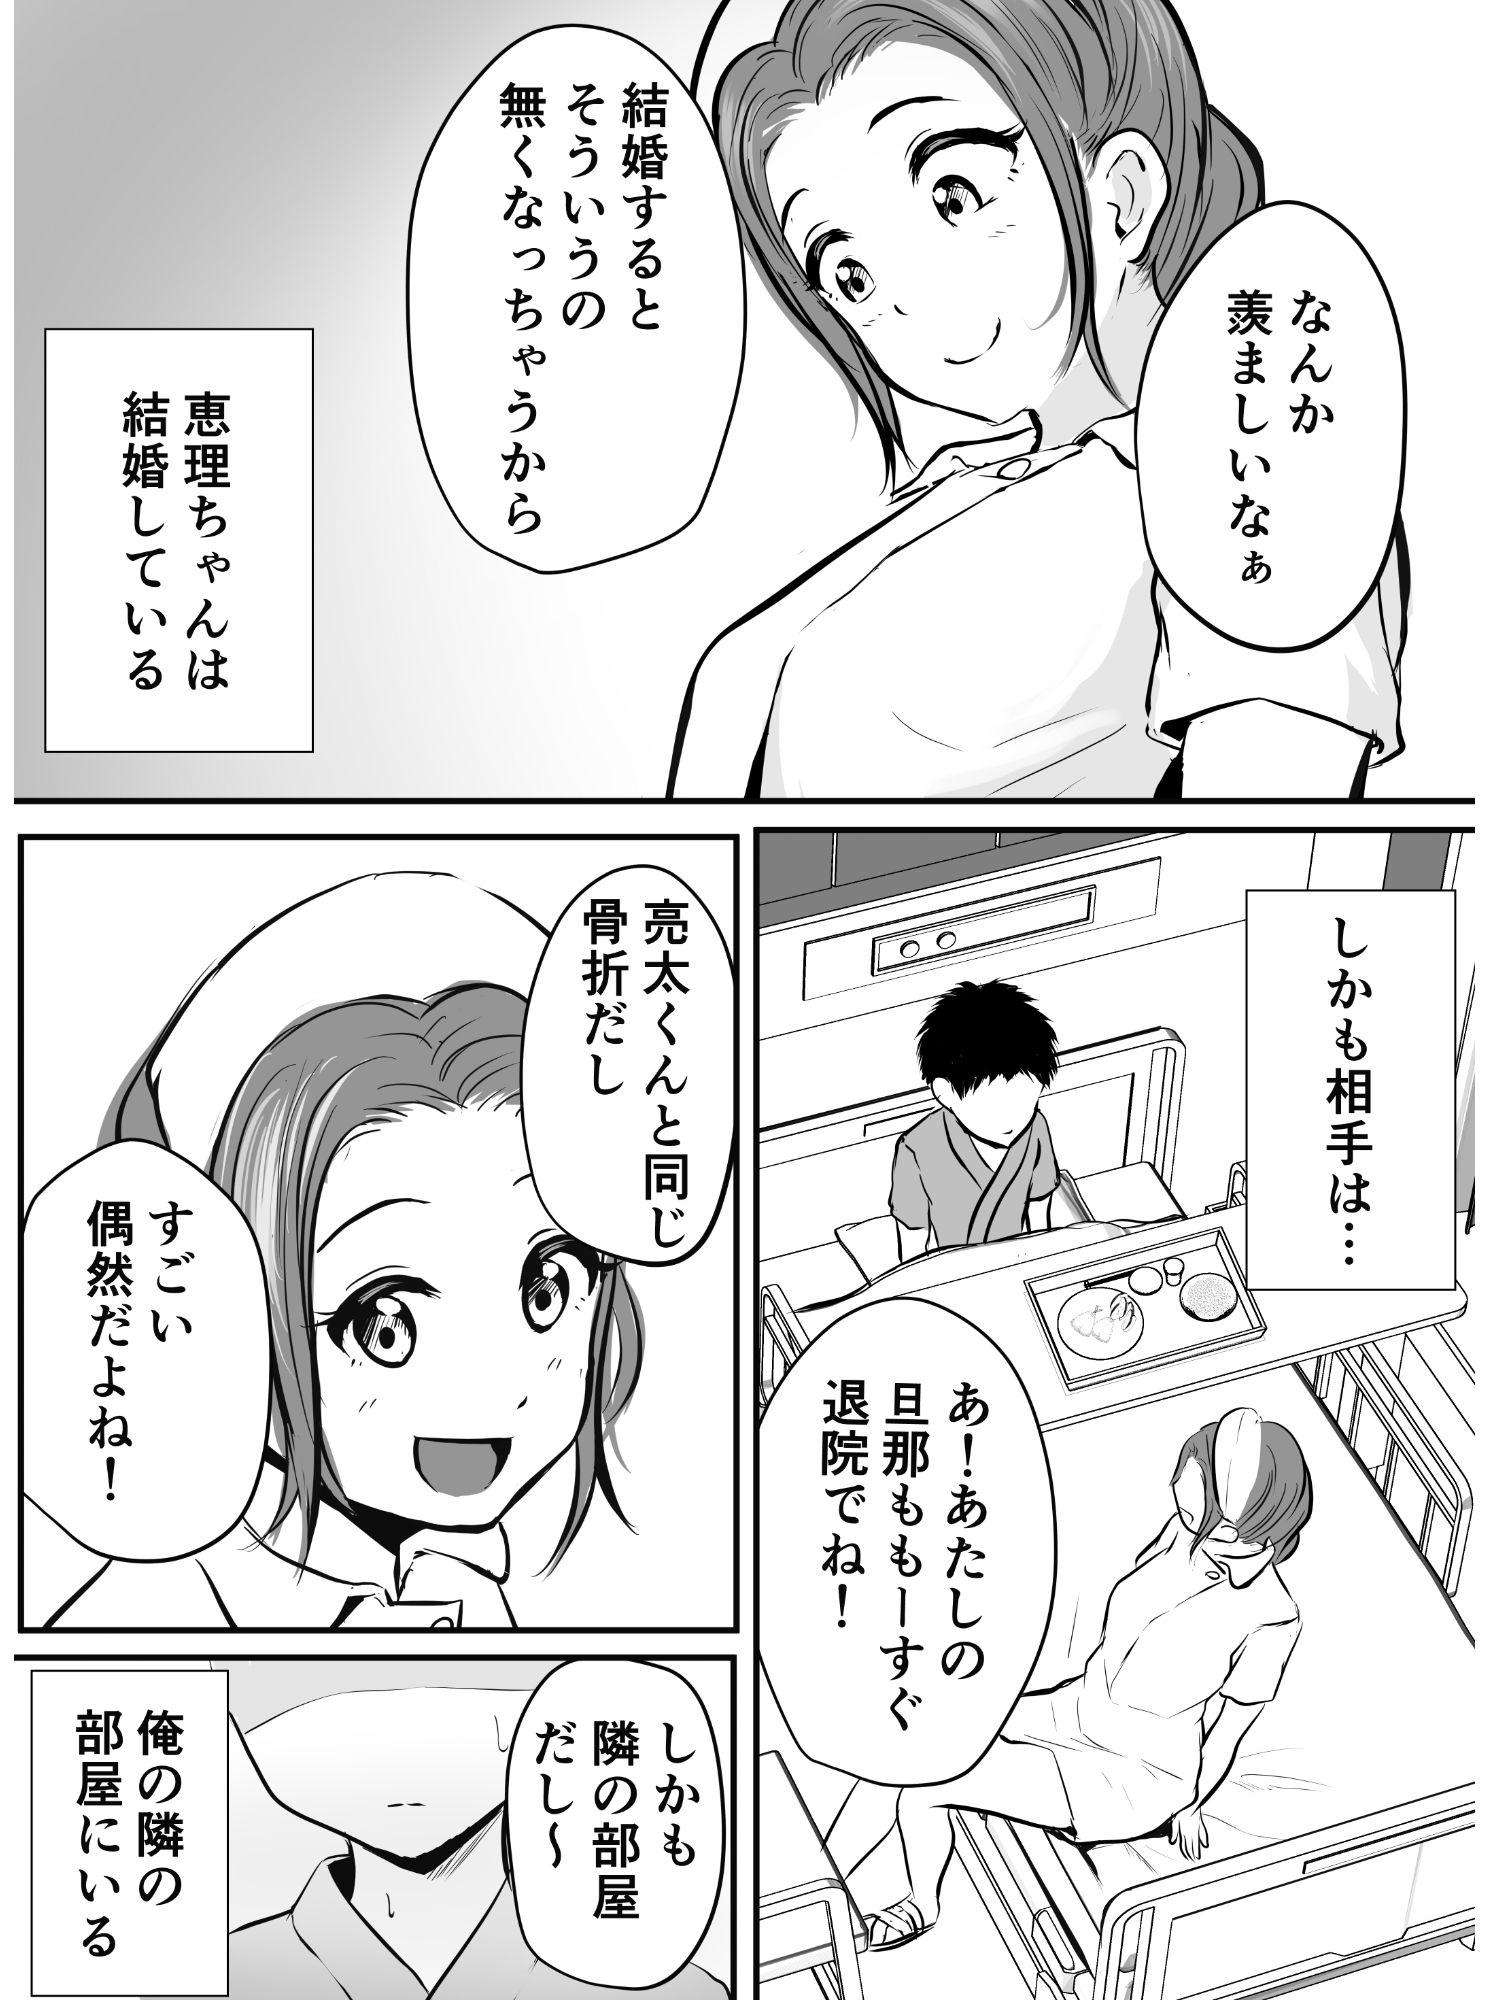 【エロ漫画無料大全集】【エロ同人誌オリジナル】若妻看護師のお姉さんを好きになってしまい告白してみたら…